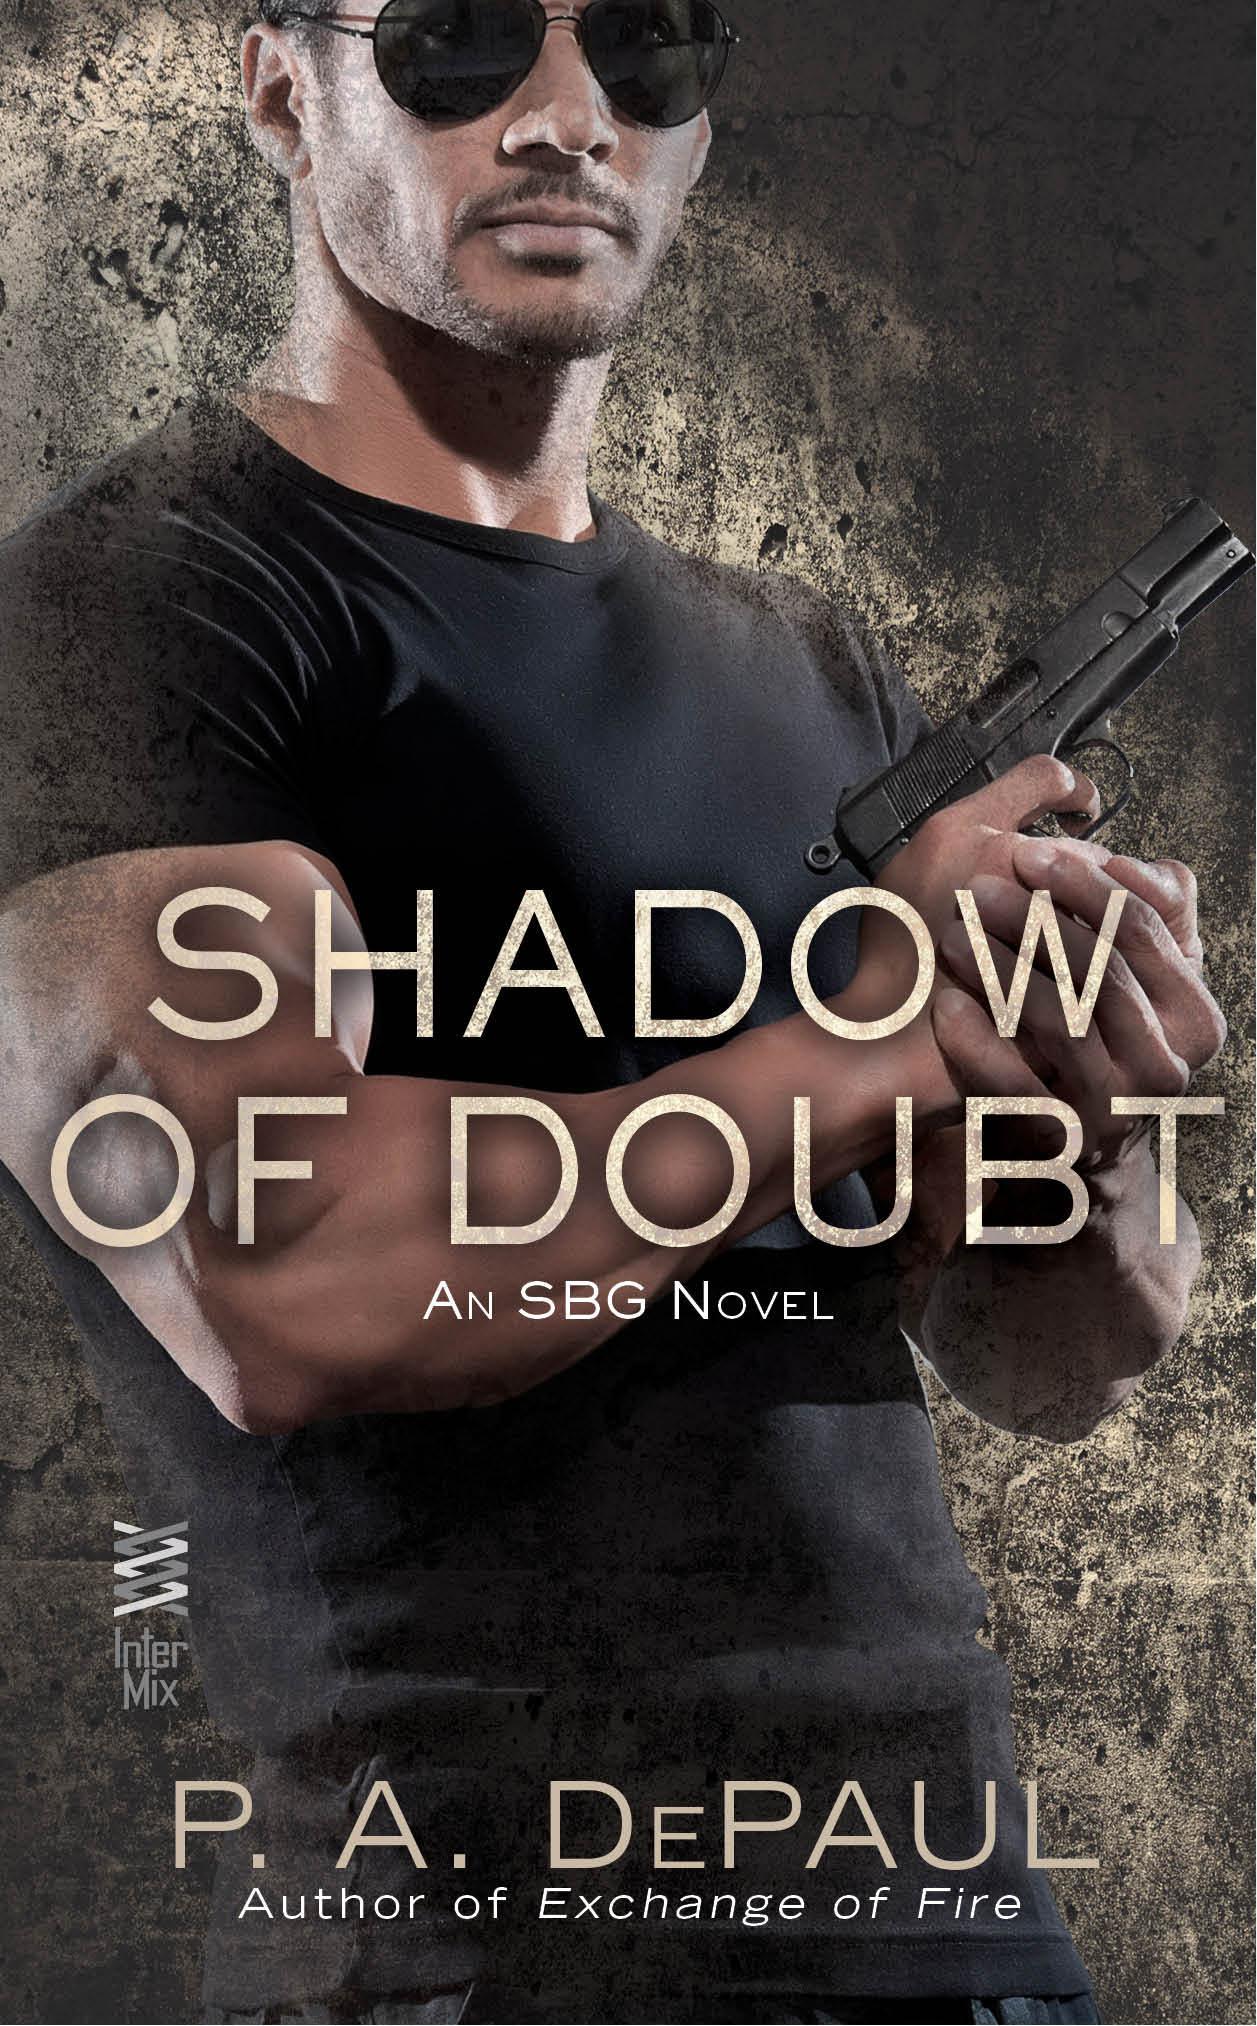 Shadowofdoubt